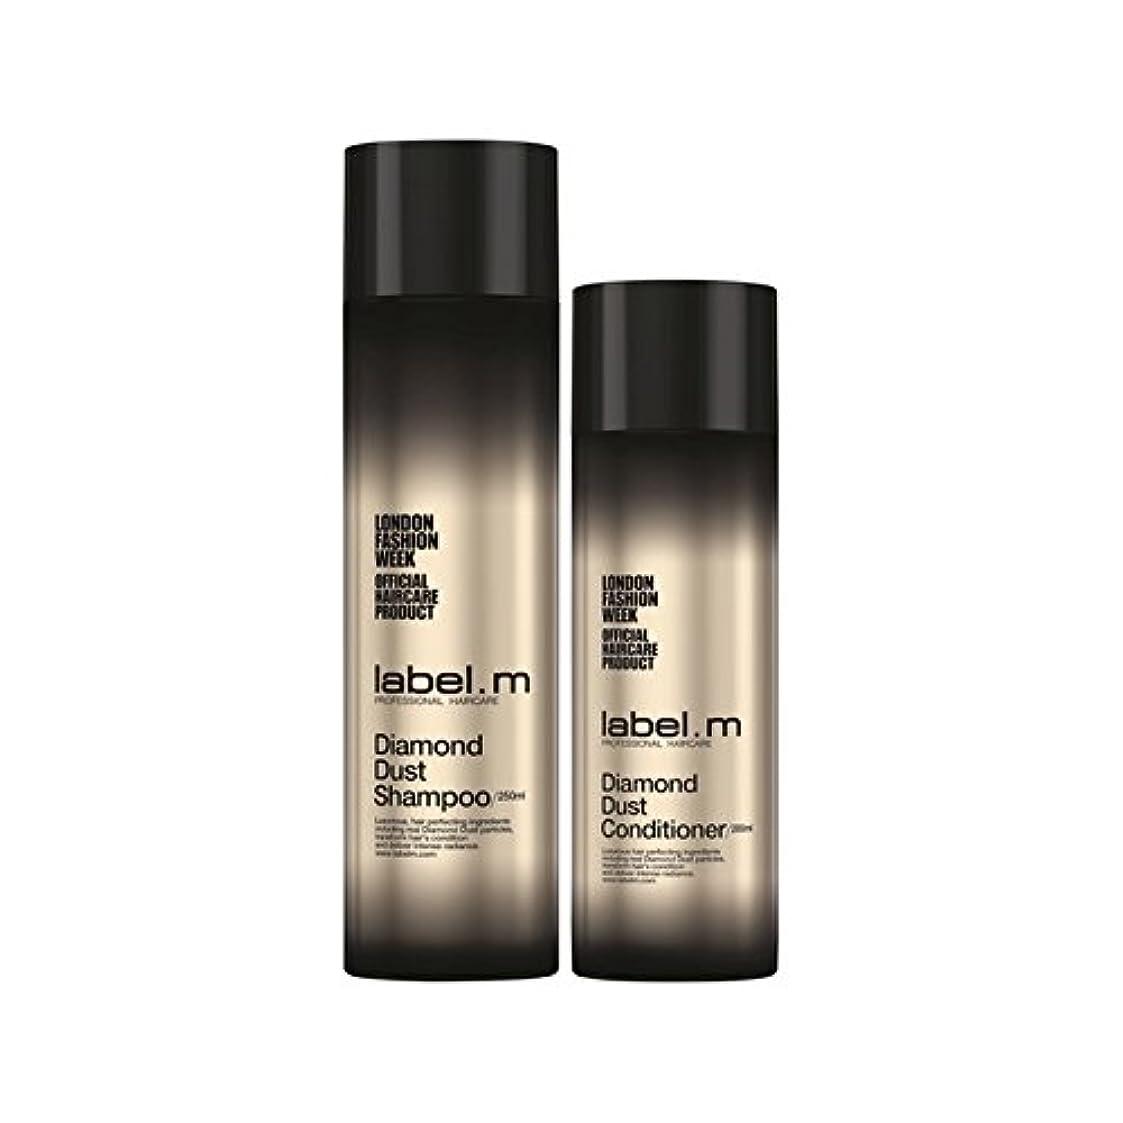 機械的にに渡ってカバレッジ.ダイヤモンドダストのシャンプーとコンディショナーのデュオ x4 - Label.M Diamond Dust Shampoo And Conditioner Duo (Pack of 4) [並行輸入品]